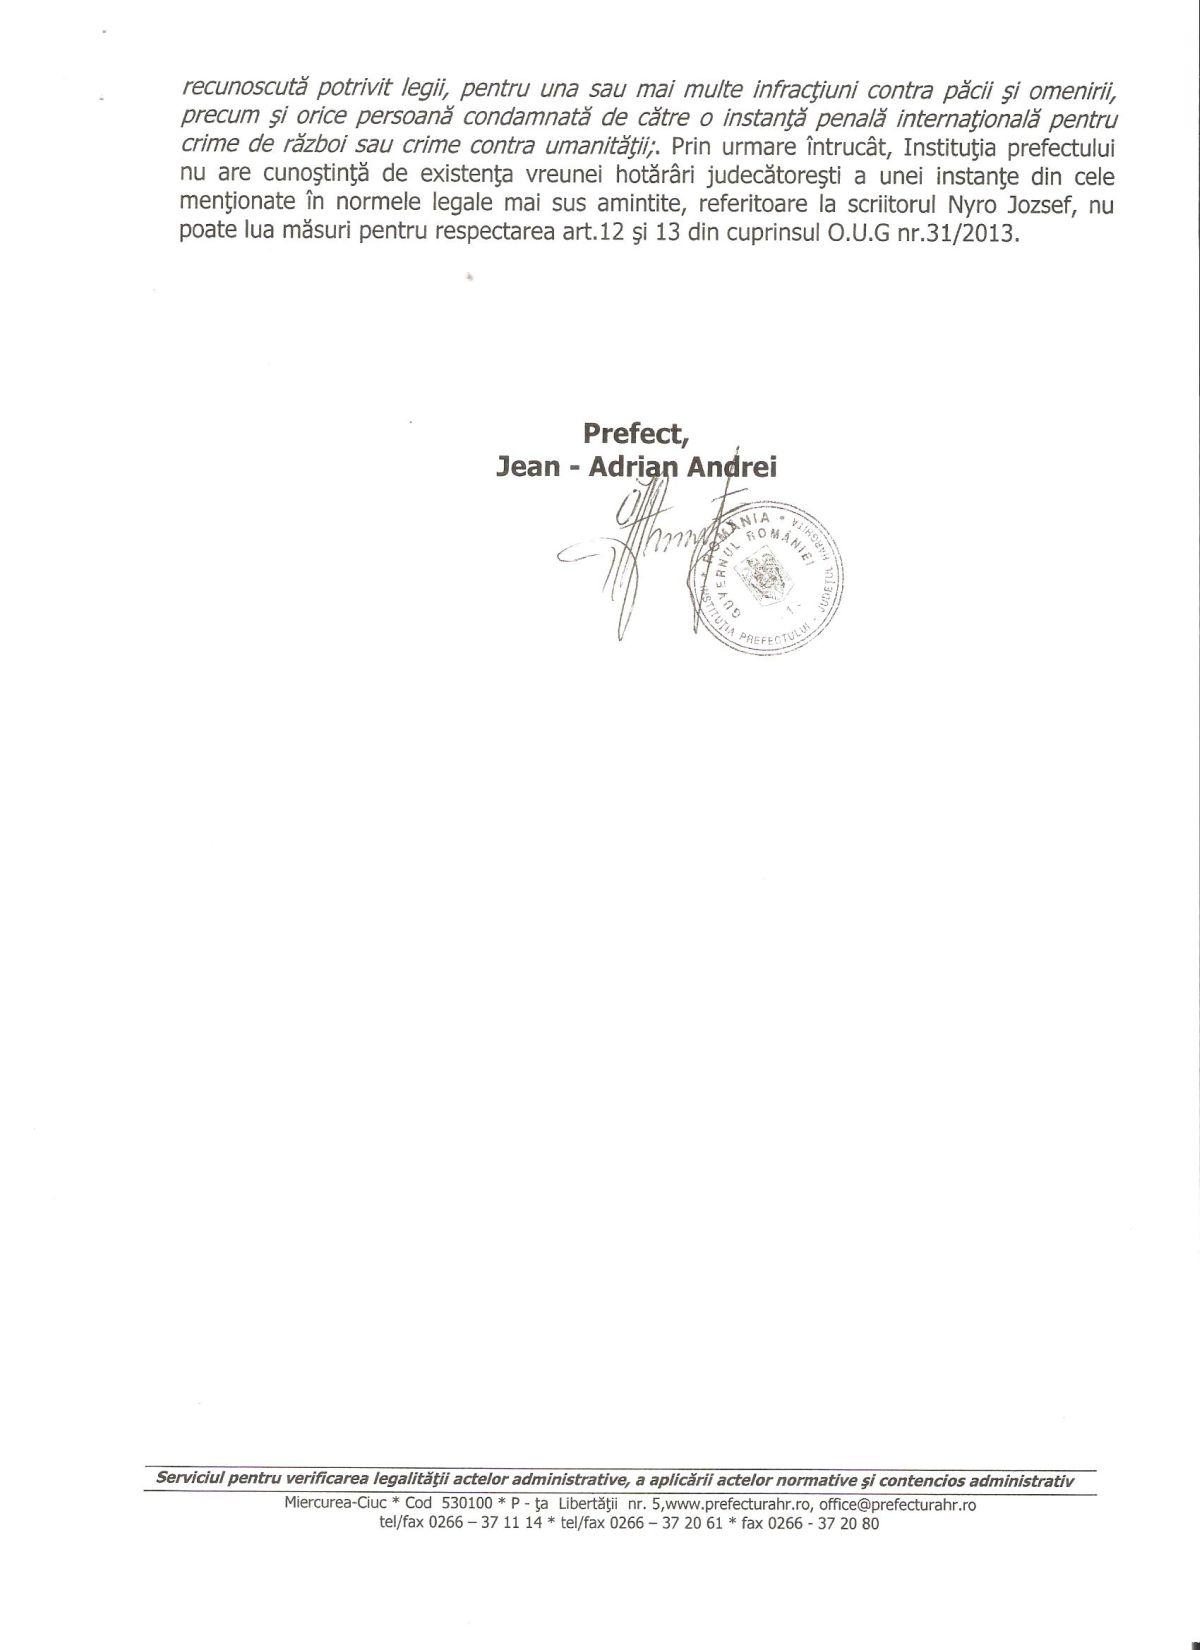 Prefect Harghita Jean-Adrian Andrei Nyiro Jozsef 2